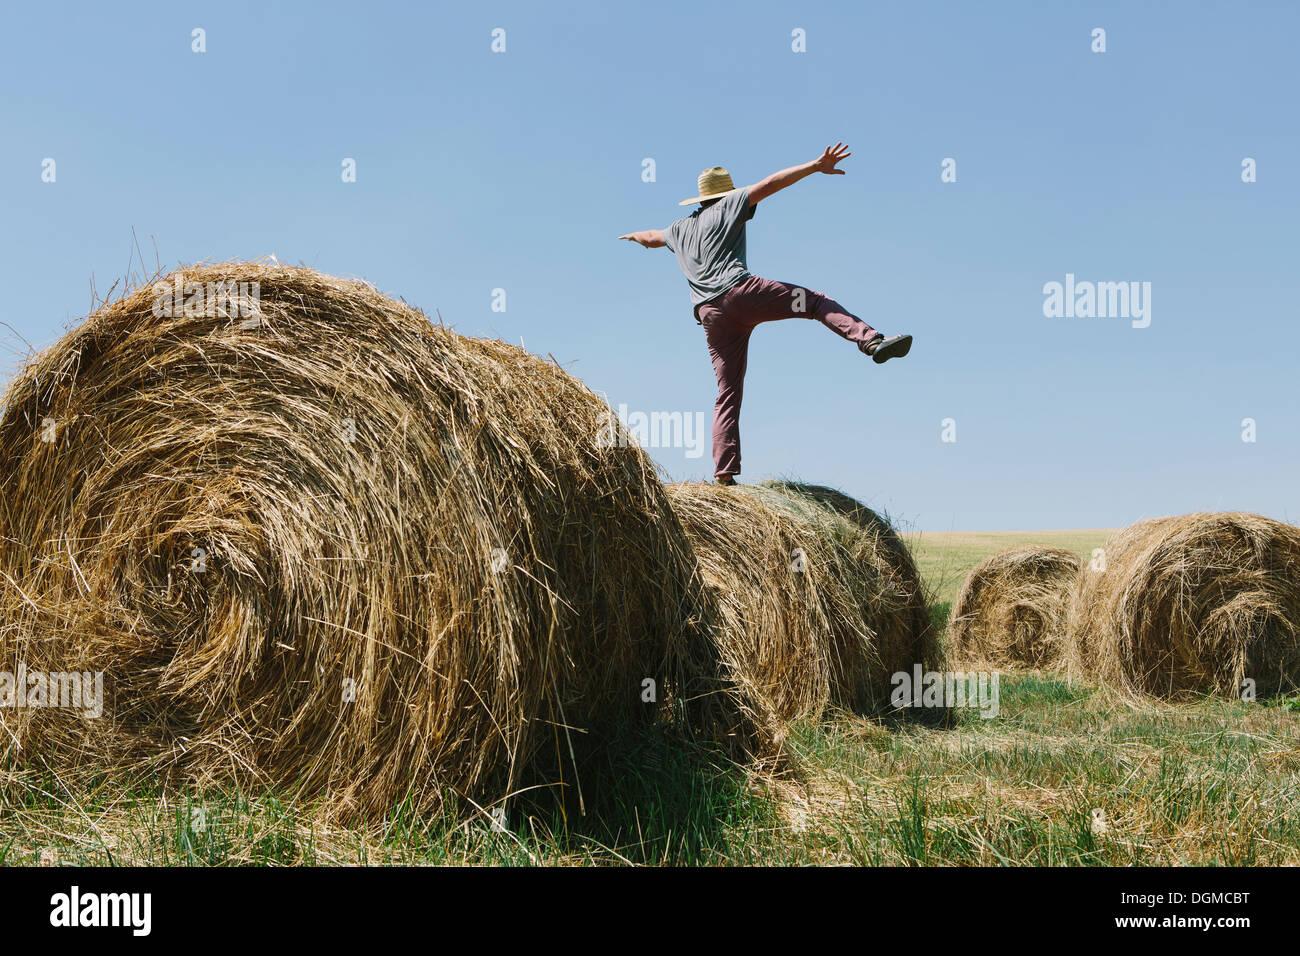 Vue arrière d'un homme en équilibre sur une jambe sur le dessus d'une balle de foin. Photo Stock